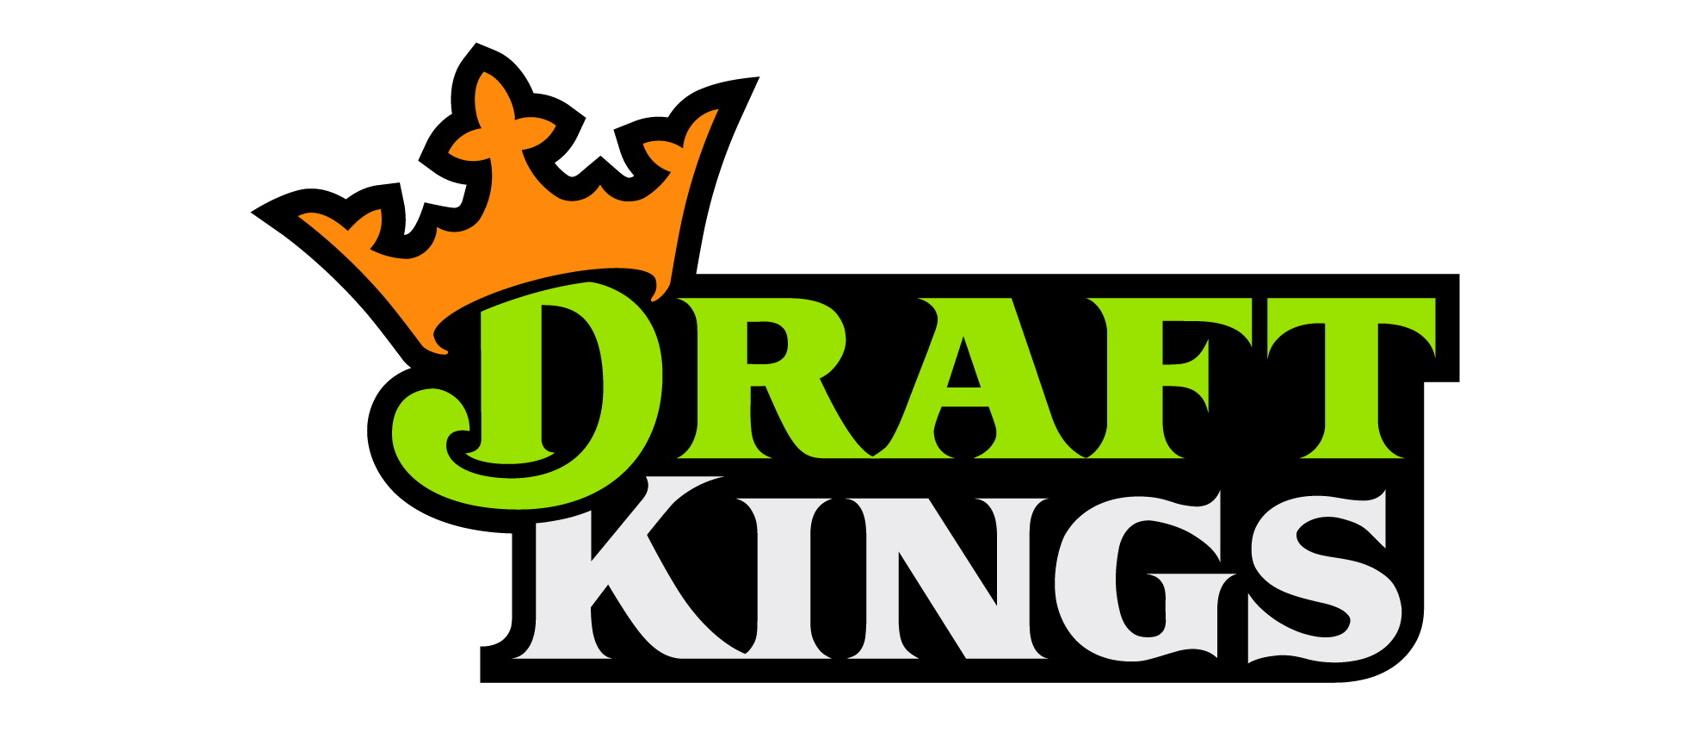 Cathie Wood Draftkings